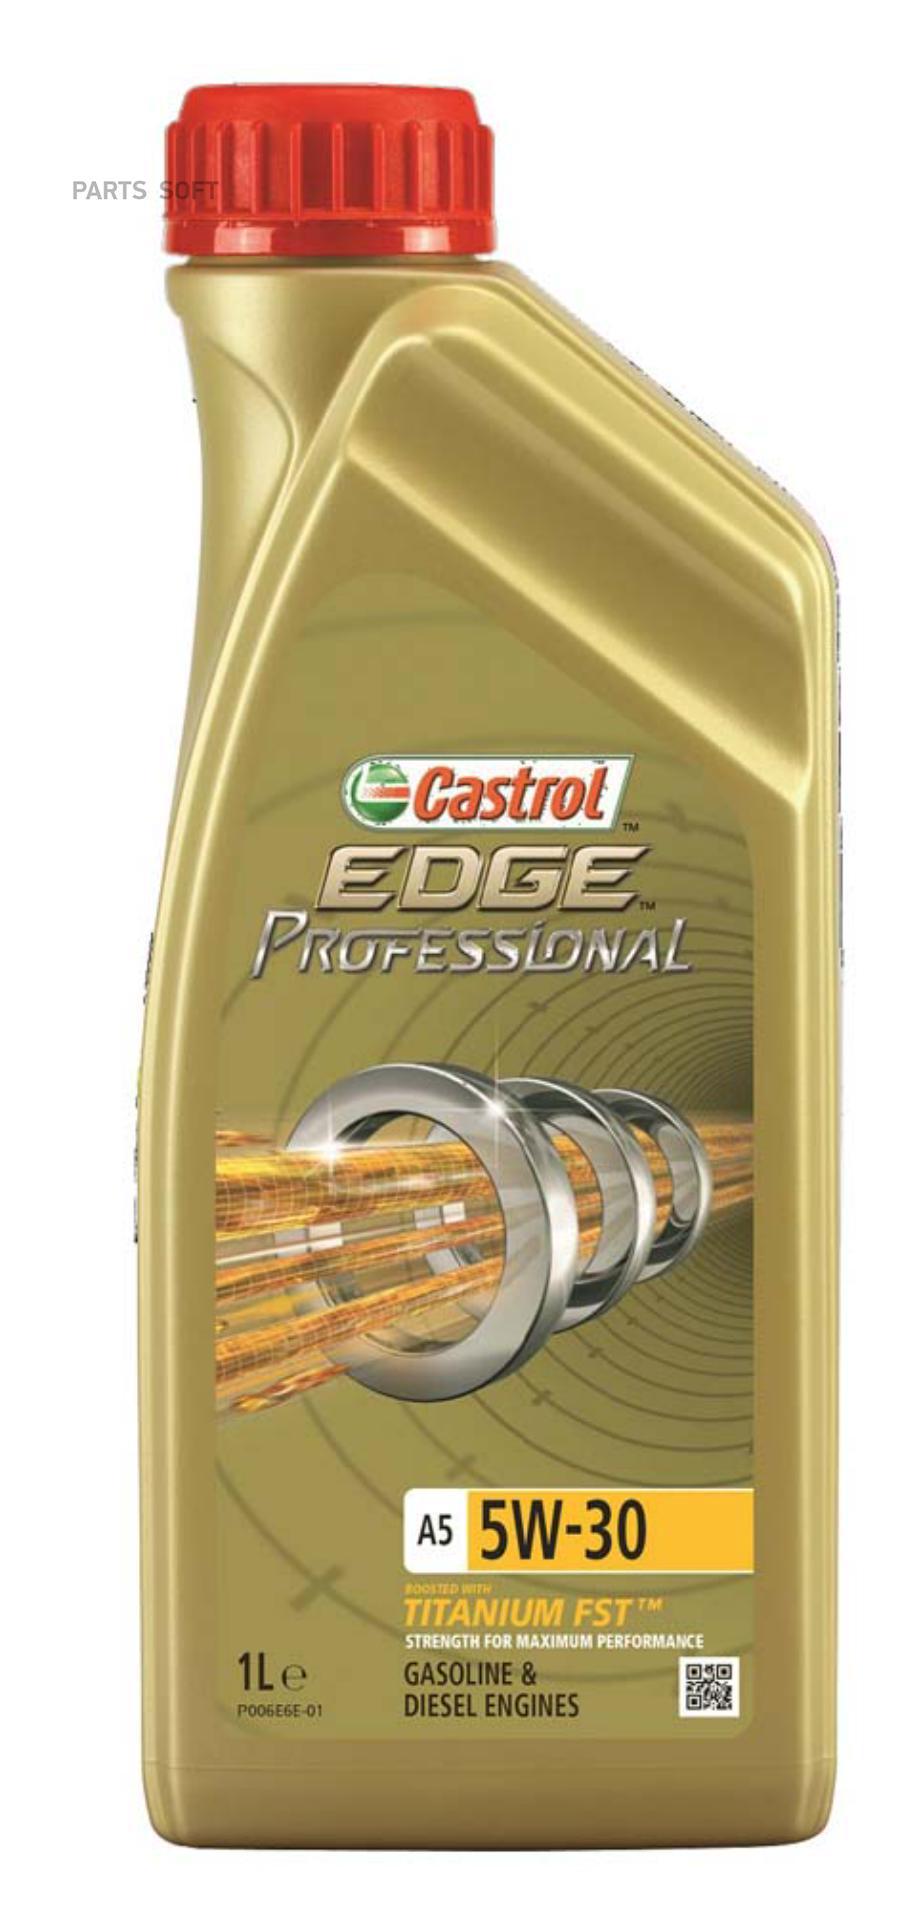 Масло моторное синтетическое EDGE Professional A5 Titanium FST 5W-30, 1л